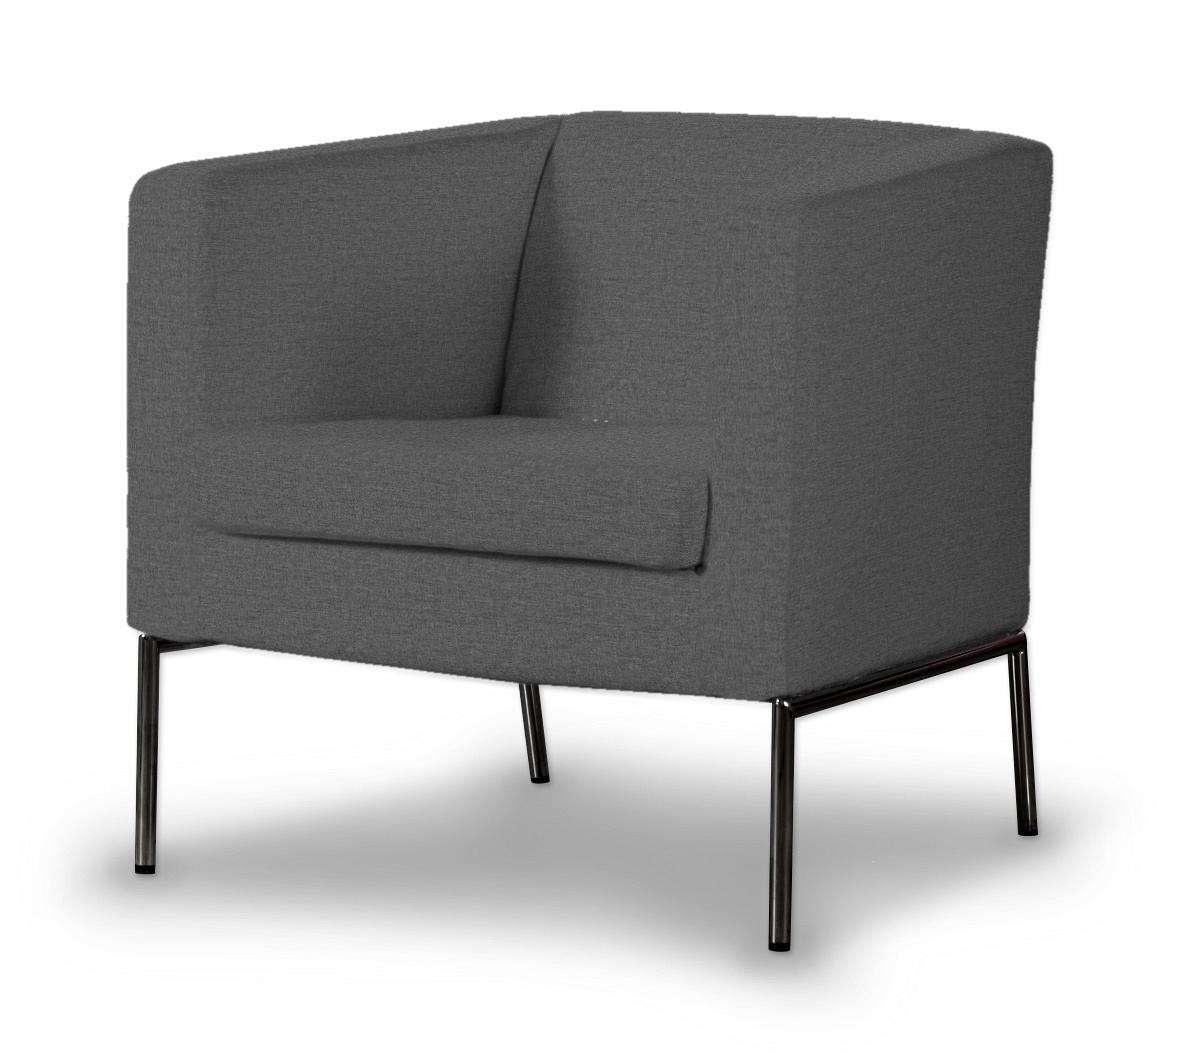 Klappsta päällinen nojatuoli mallistosta Edinburgh, Kangas: 115-77